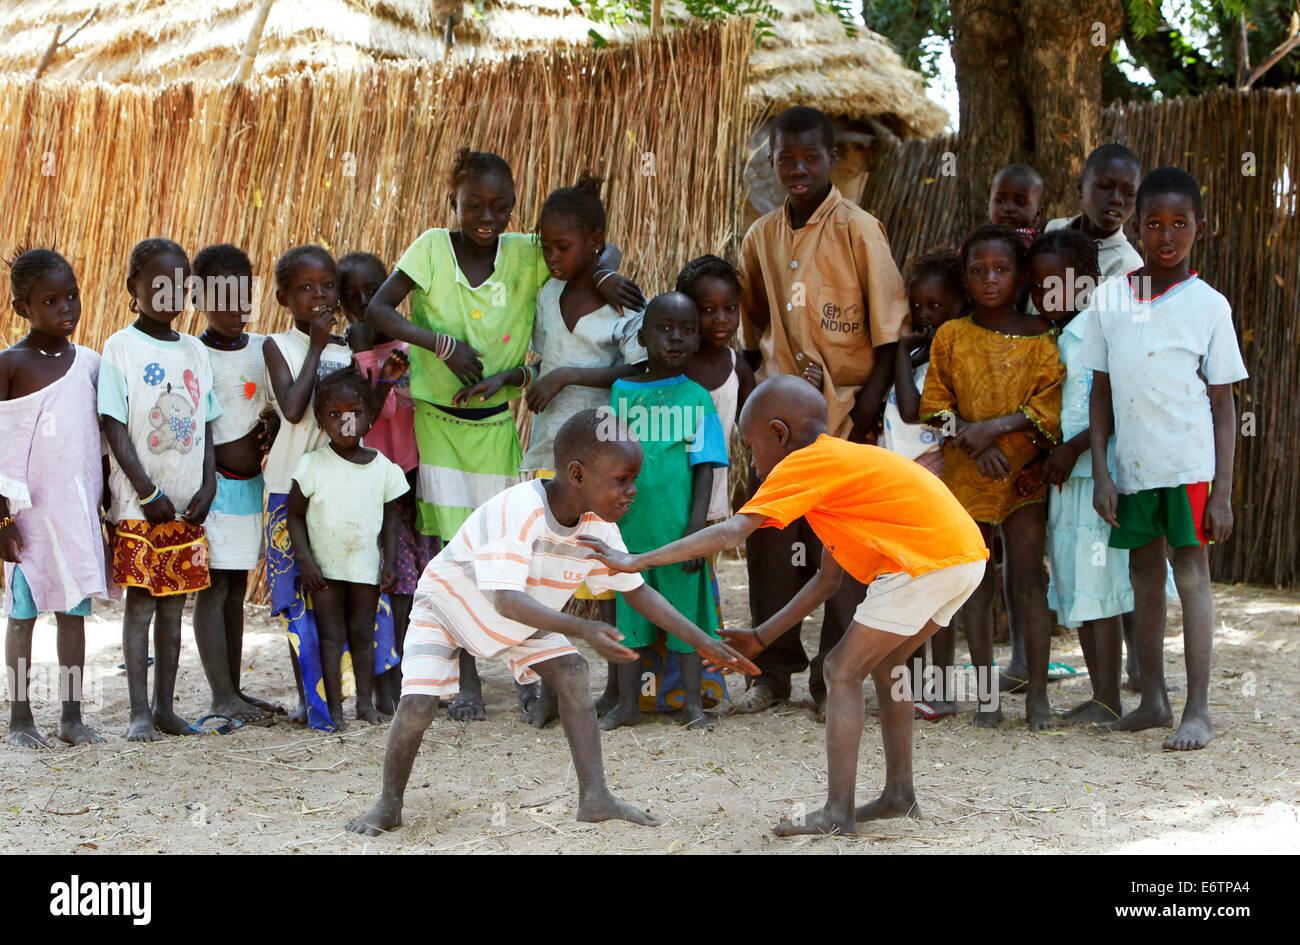 Los niños llevan a cabo un combate de lucha libre. La lucha libre es el deporte nacional de Senegal. Senegal, Imagen De Stock